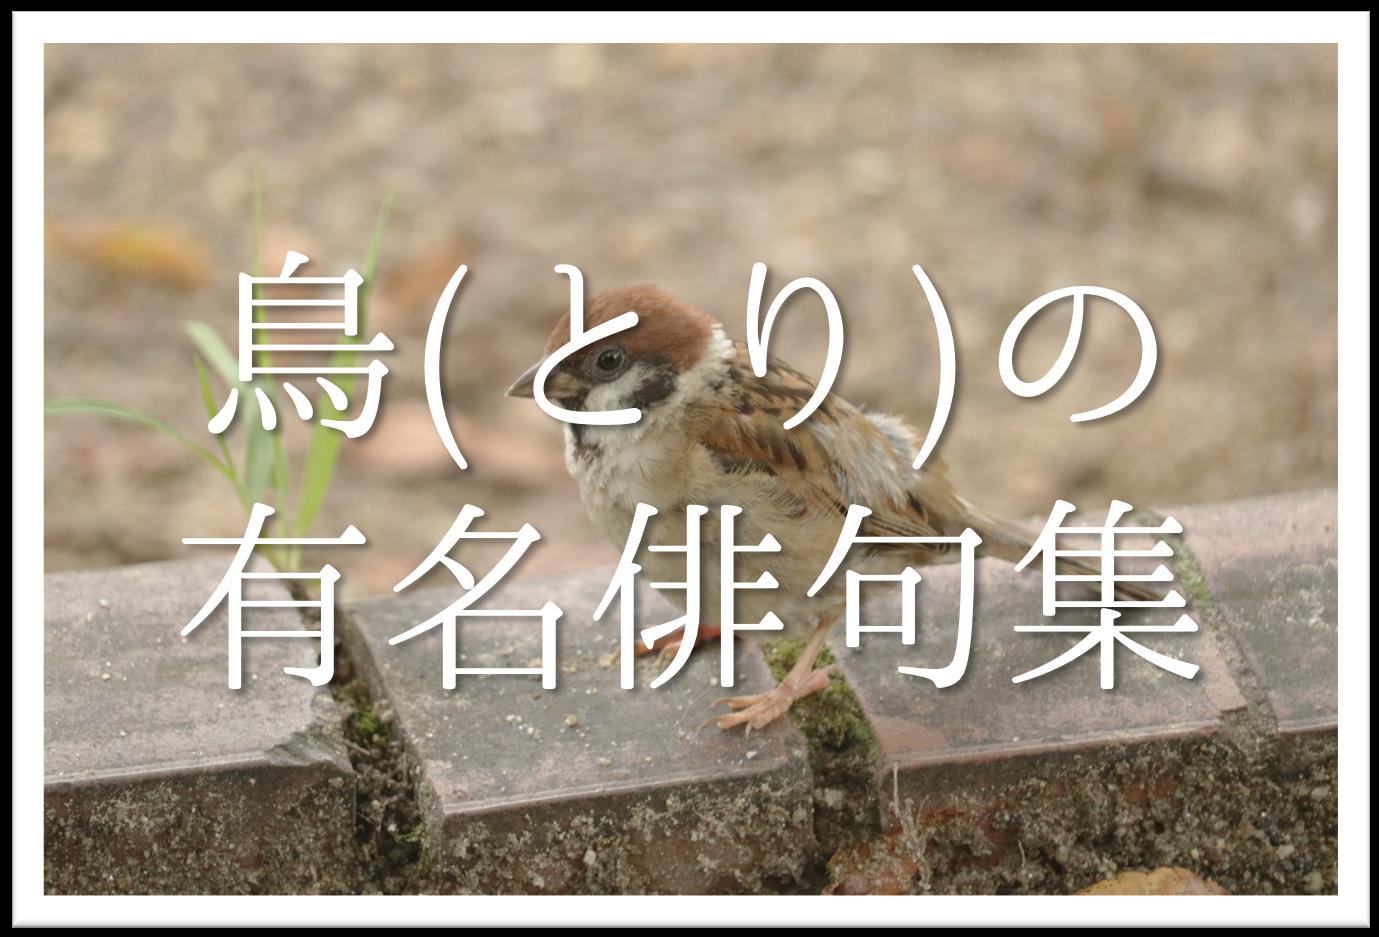 【鳥をテーマにした有名俳句 20選】春夏秋冬!!季語を含むおすすめ俳句を紹介!